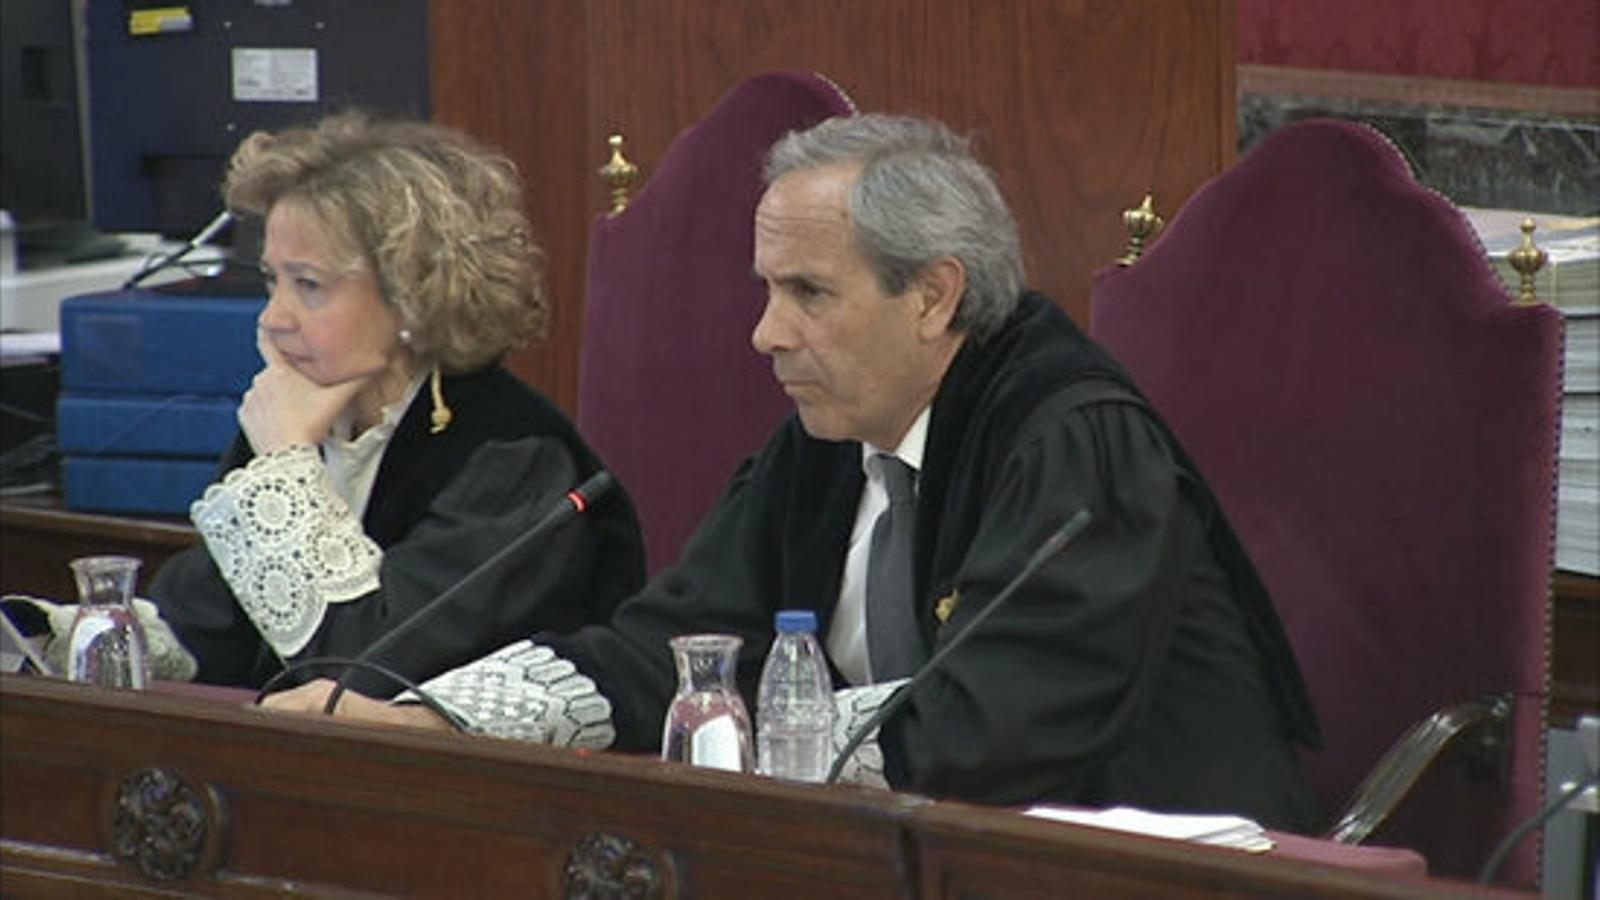 Els fiscals del Tribunal Suprem Consuelo Madrigal i Jaime Moreno, durant el judici contra el Procés